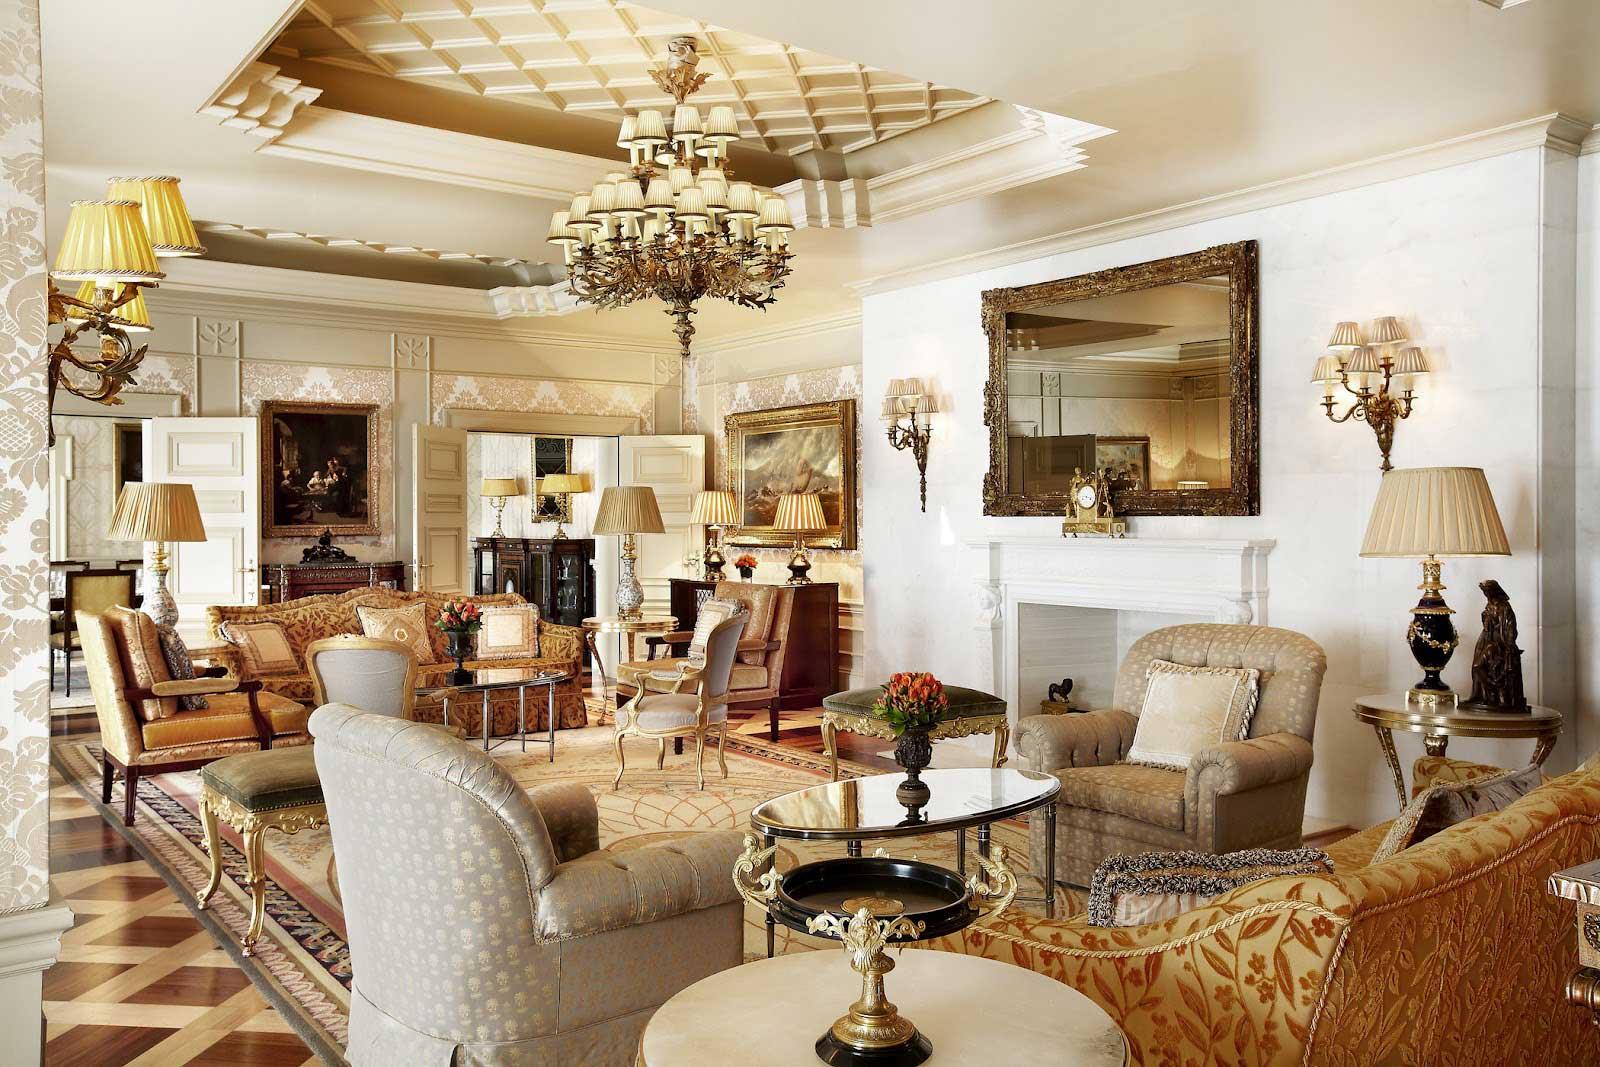 Cách thiết kế phòng khách giúp đem lại may mắn vào nhà